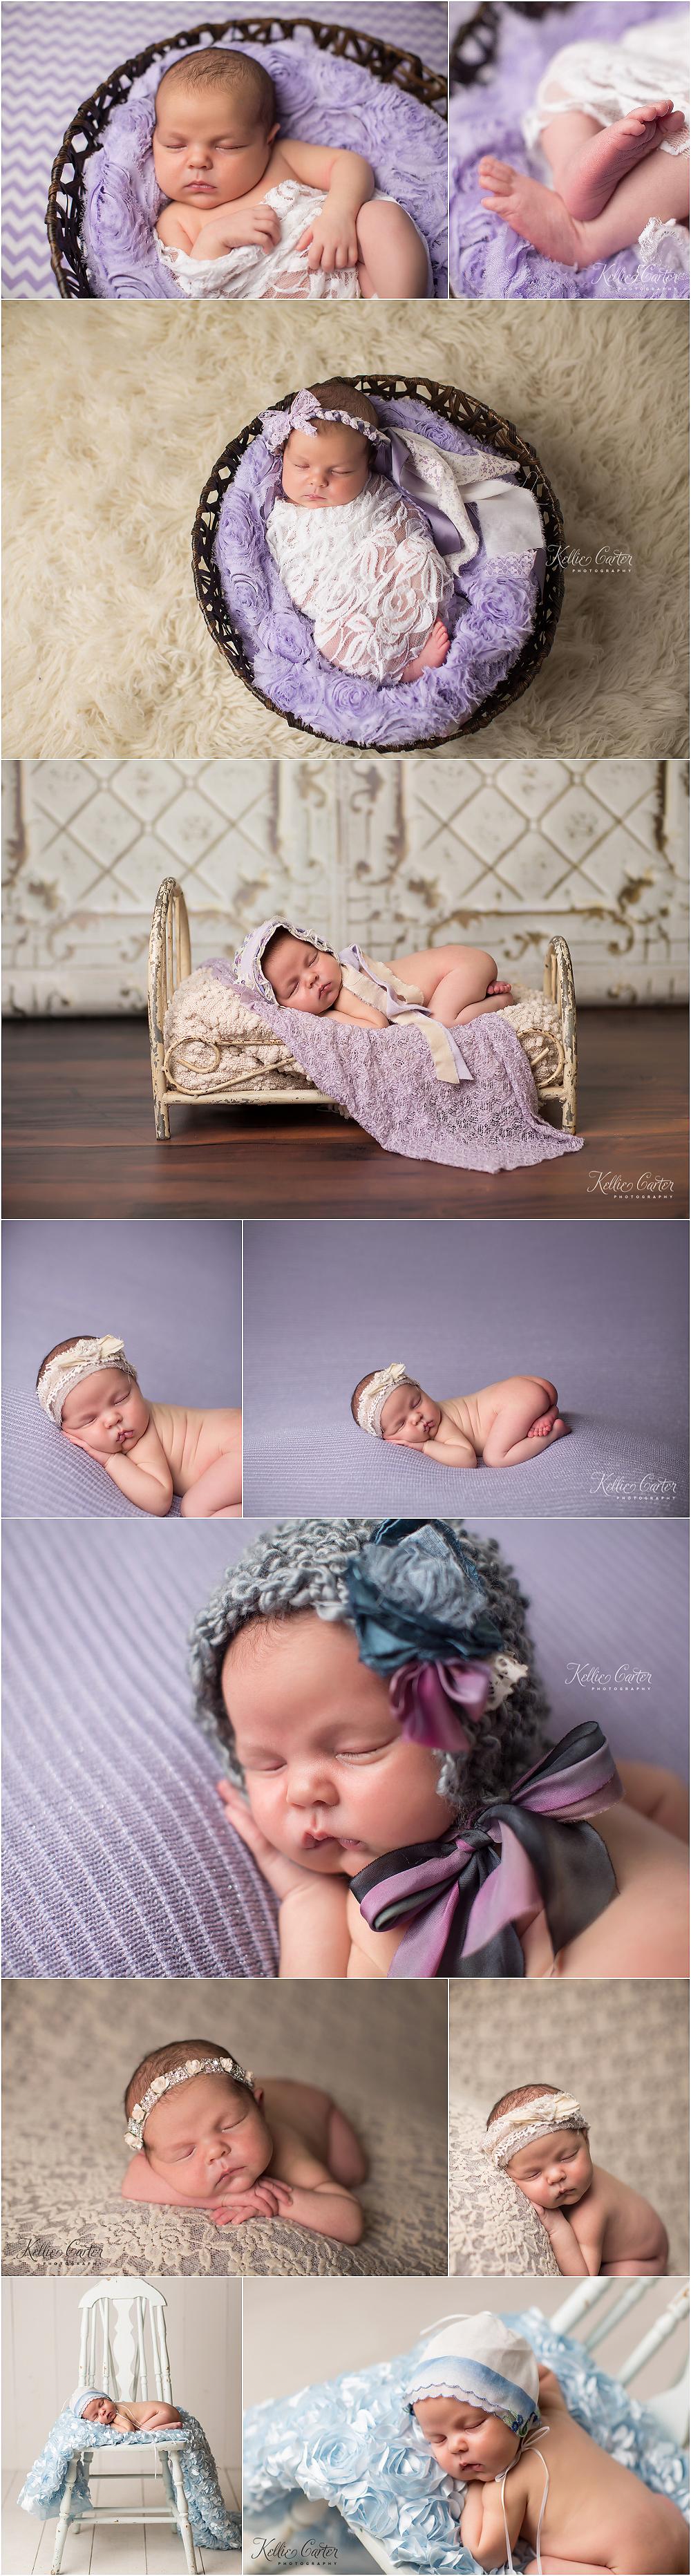 2 Week Old Baby Girl